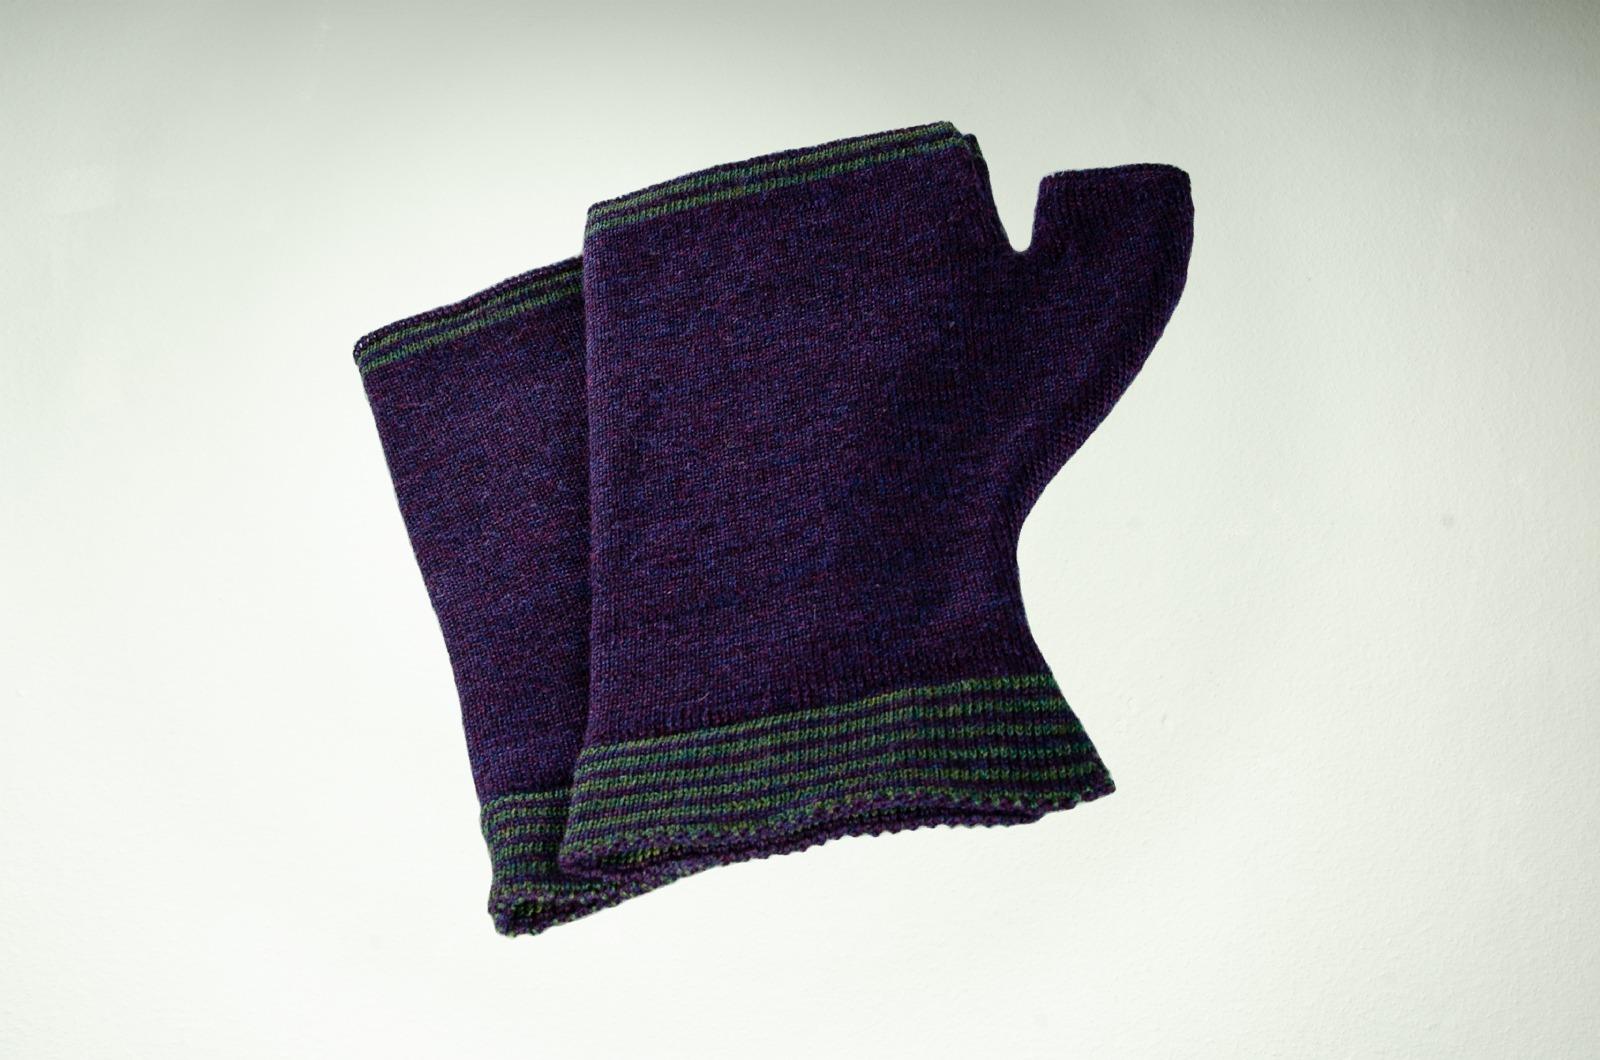 Merino Handwärmer Herren in purpur und